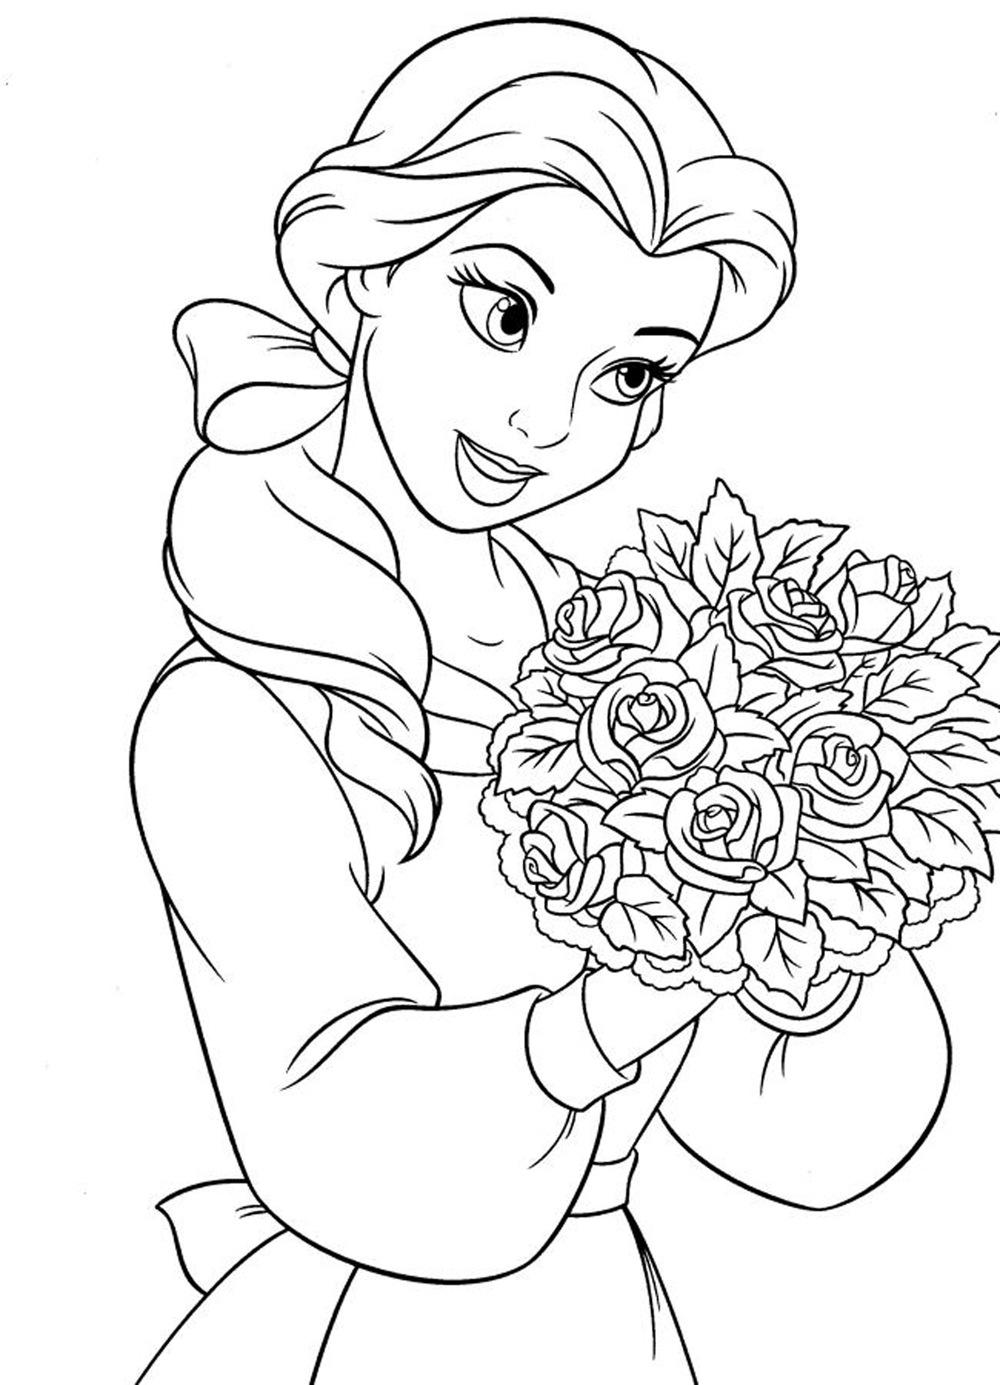 Dibujos de princesas disney para colorear e imprimir gratis - Dibujos de pared ...